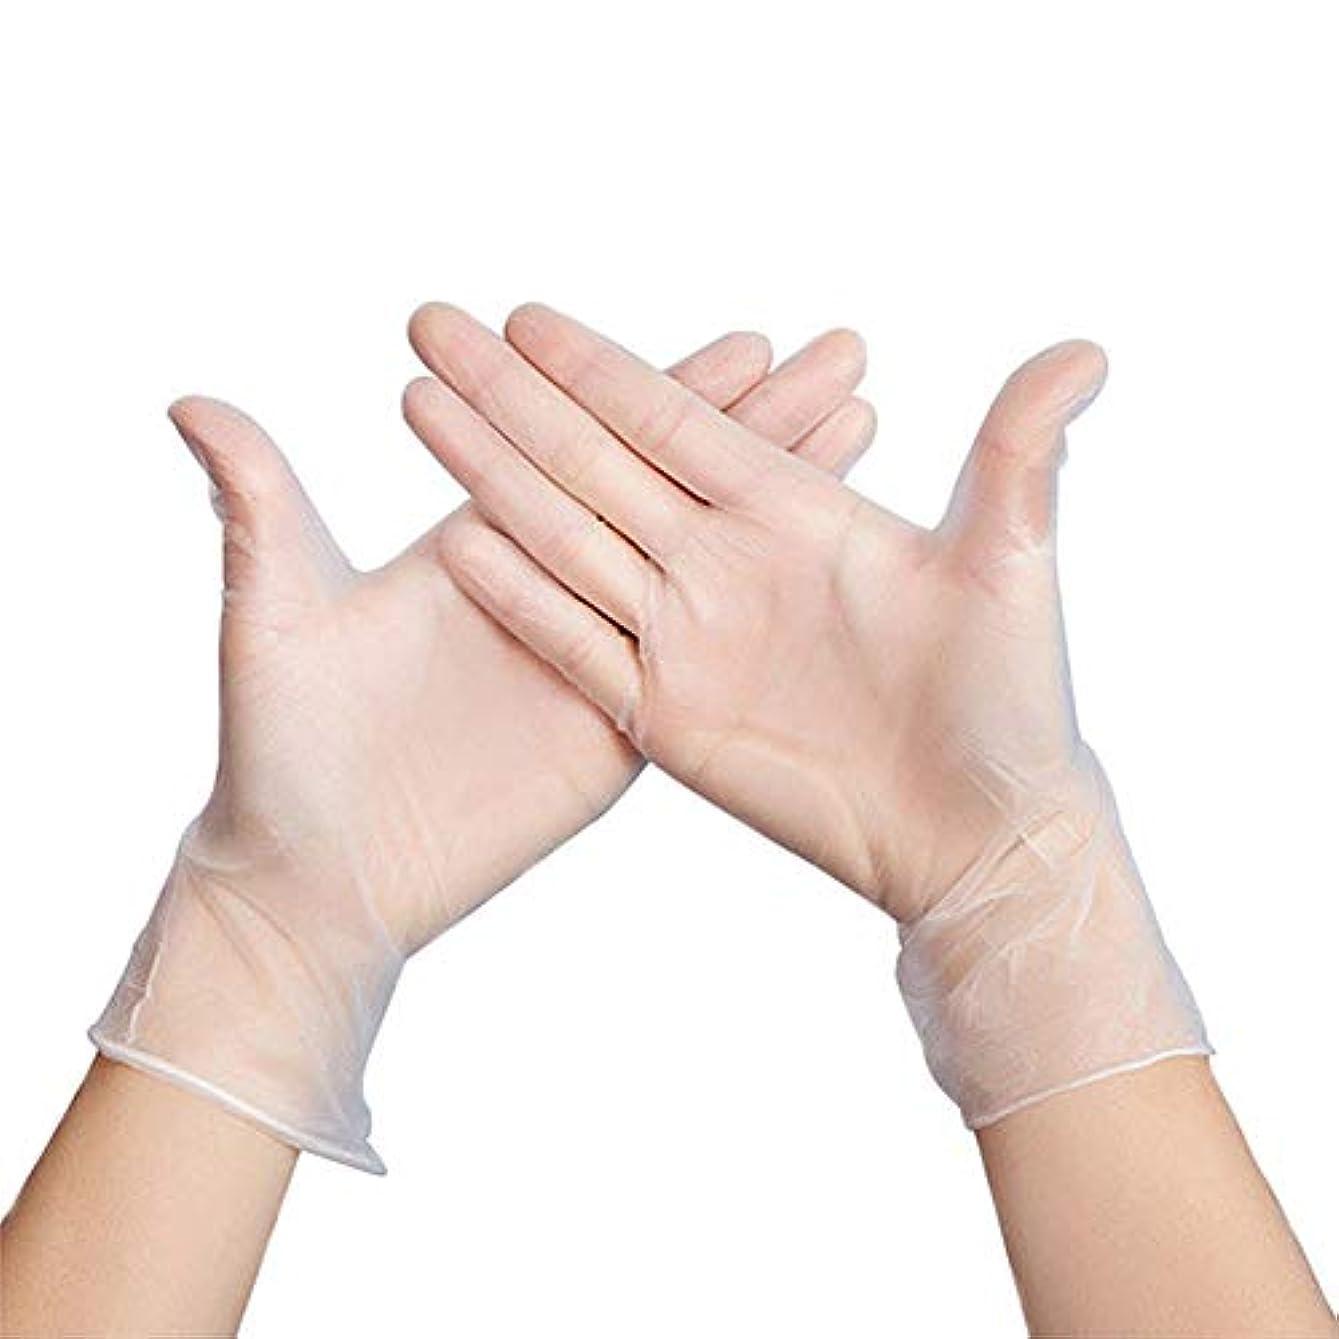 不承認ちらつき八百屋Geafos ニトリル使い捨て手袋、パウダーフリー、食品グレードの手袋、ラテックスフリー、100個 透明 size XL